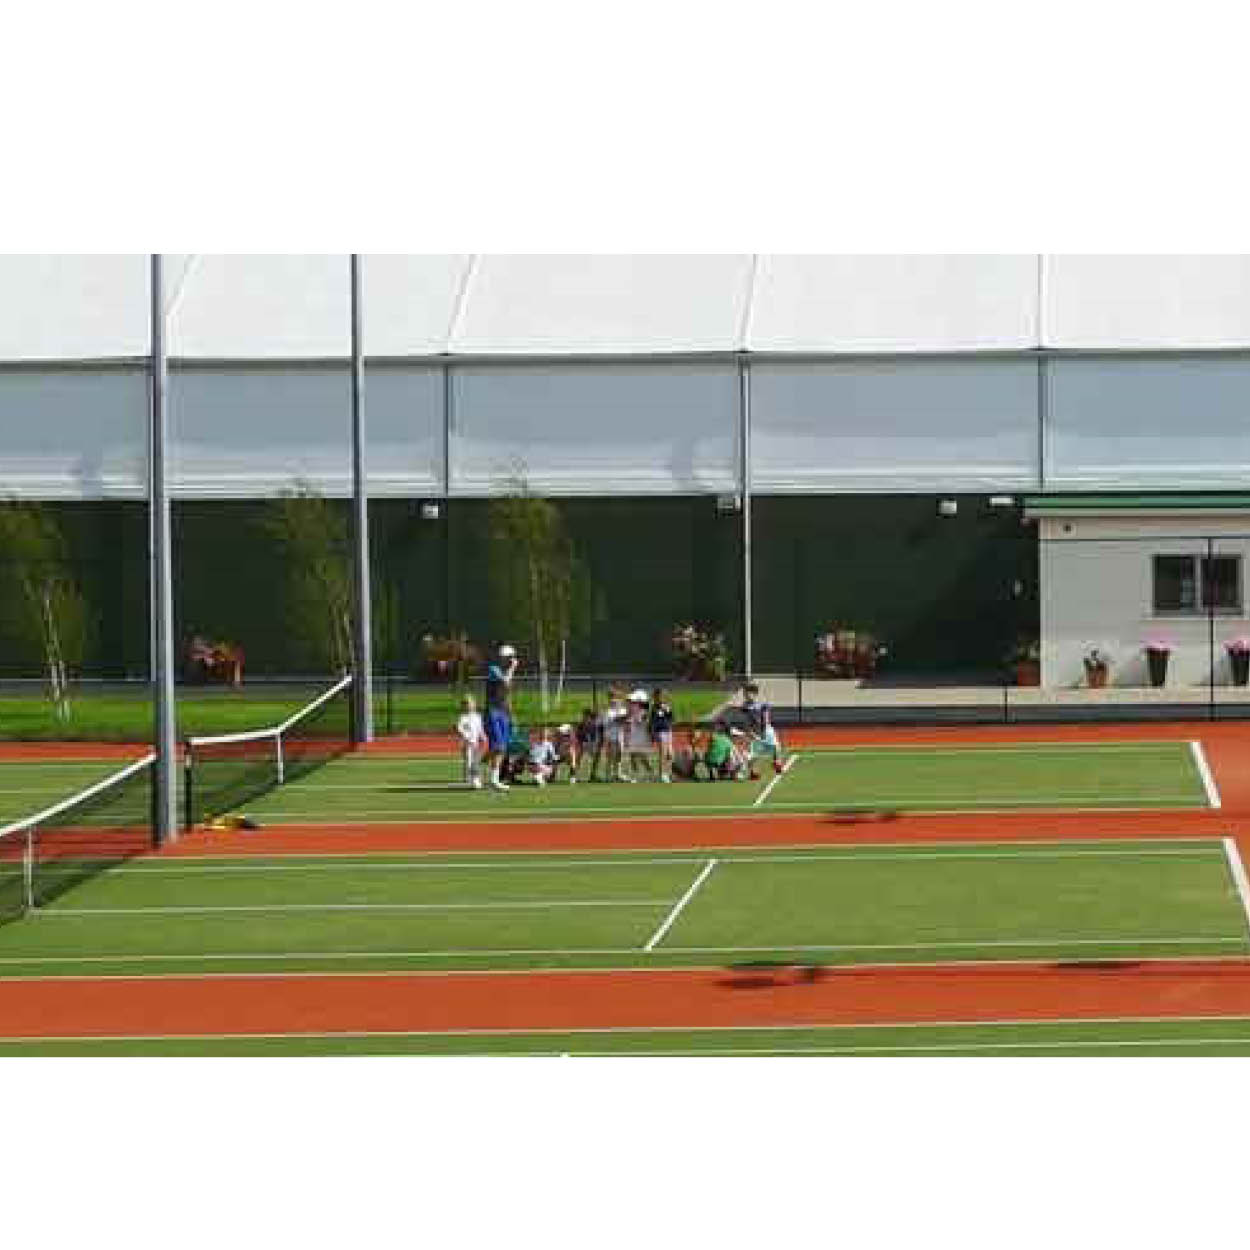 DLR Tourism, things to do: Shankill tennis club